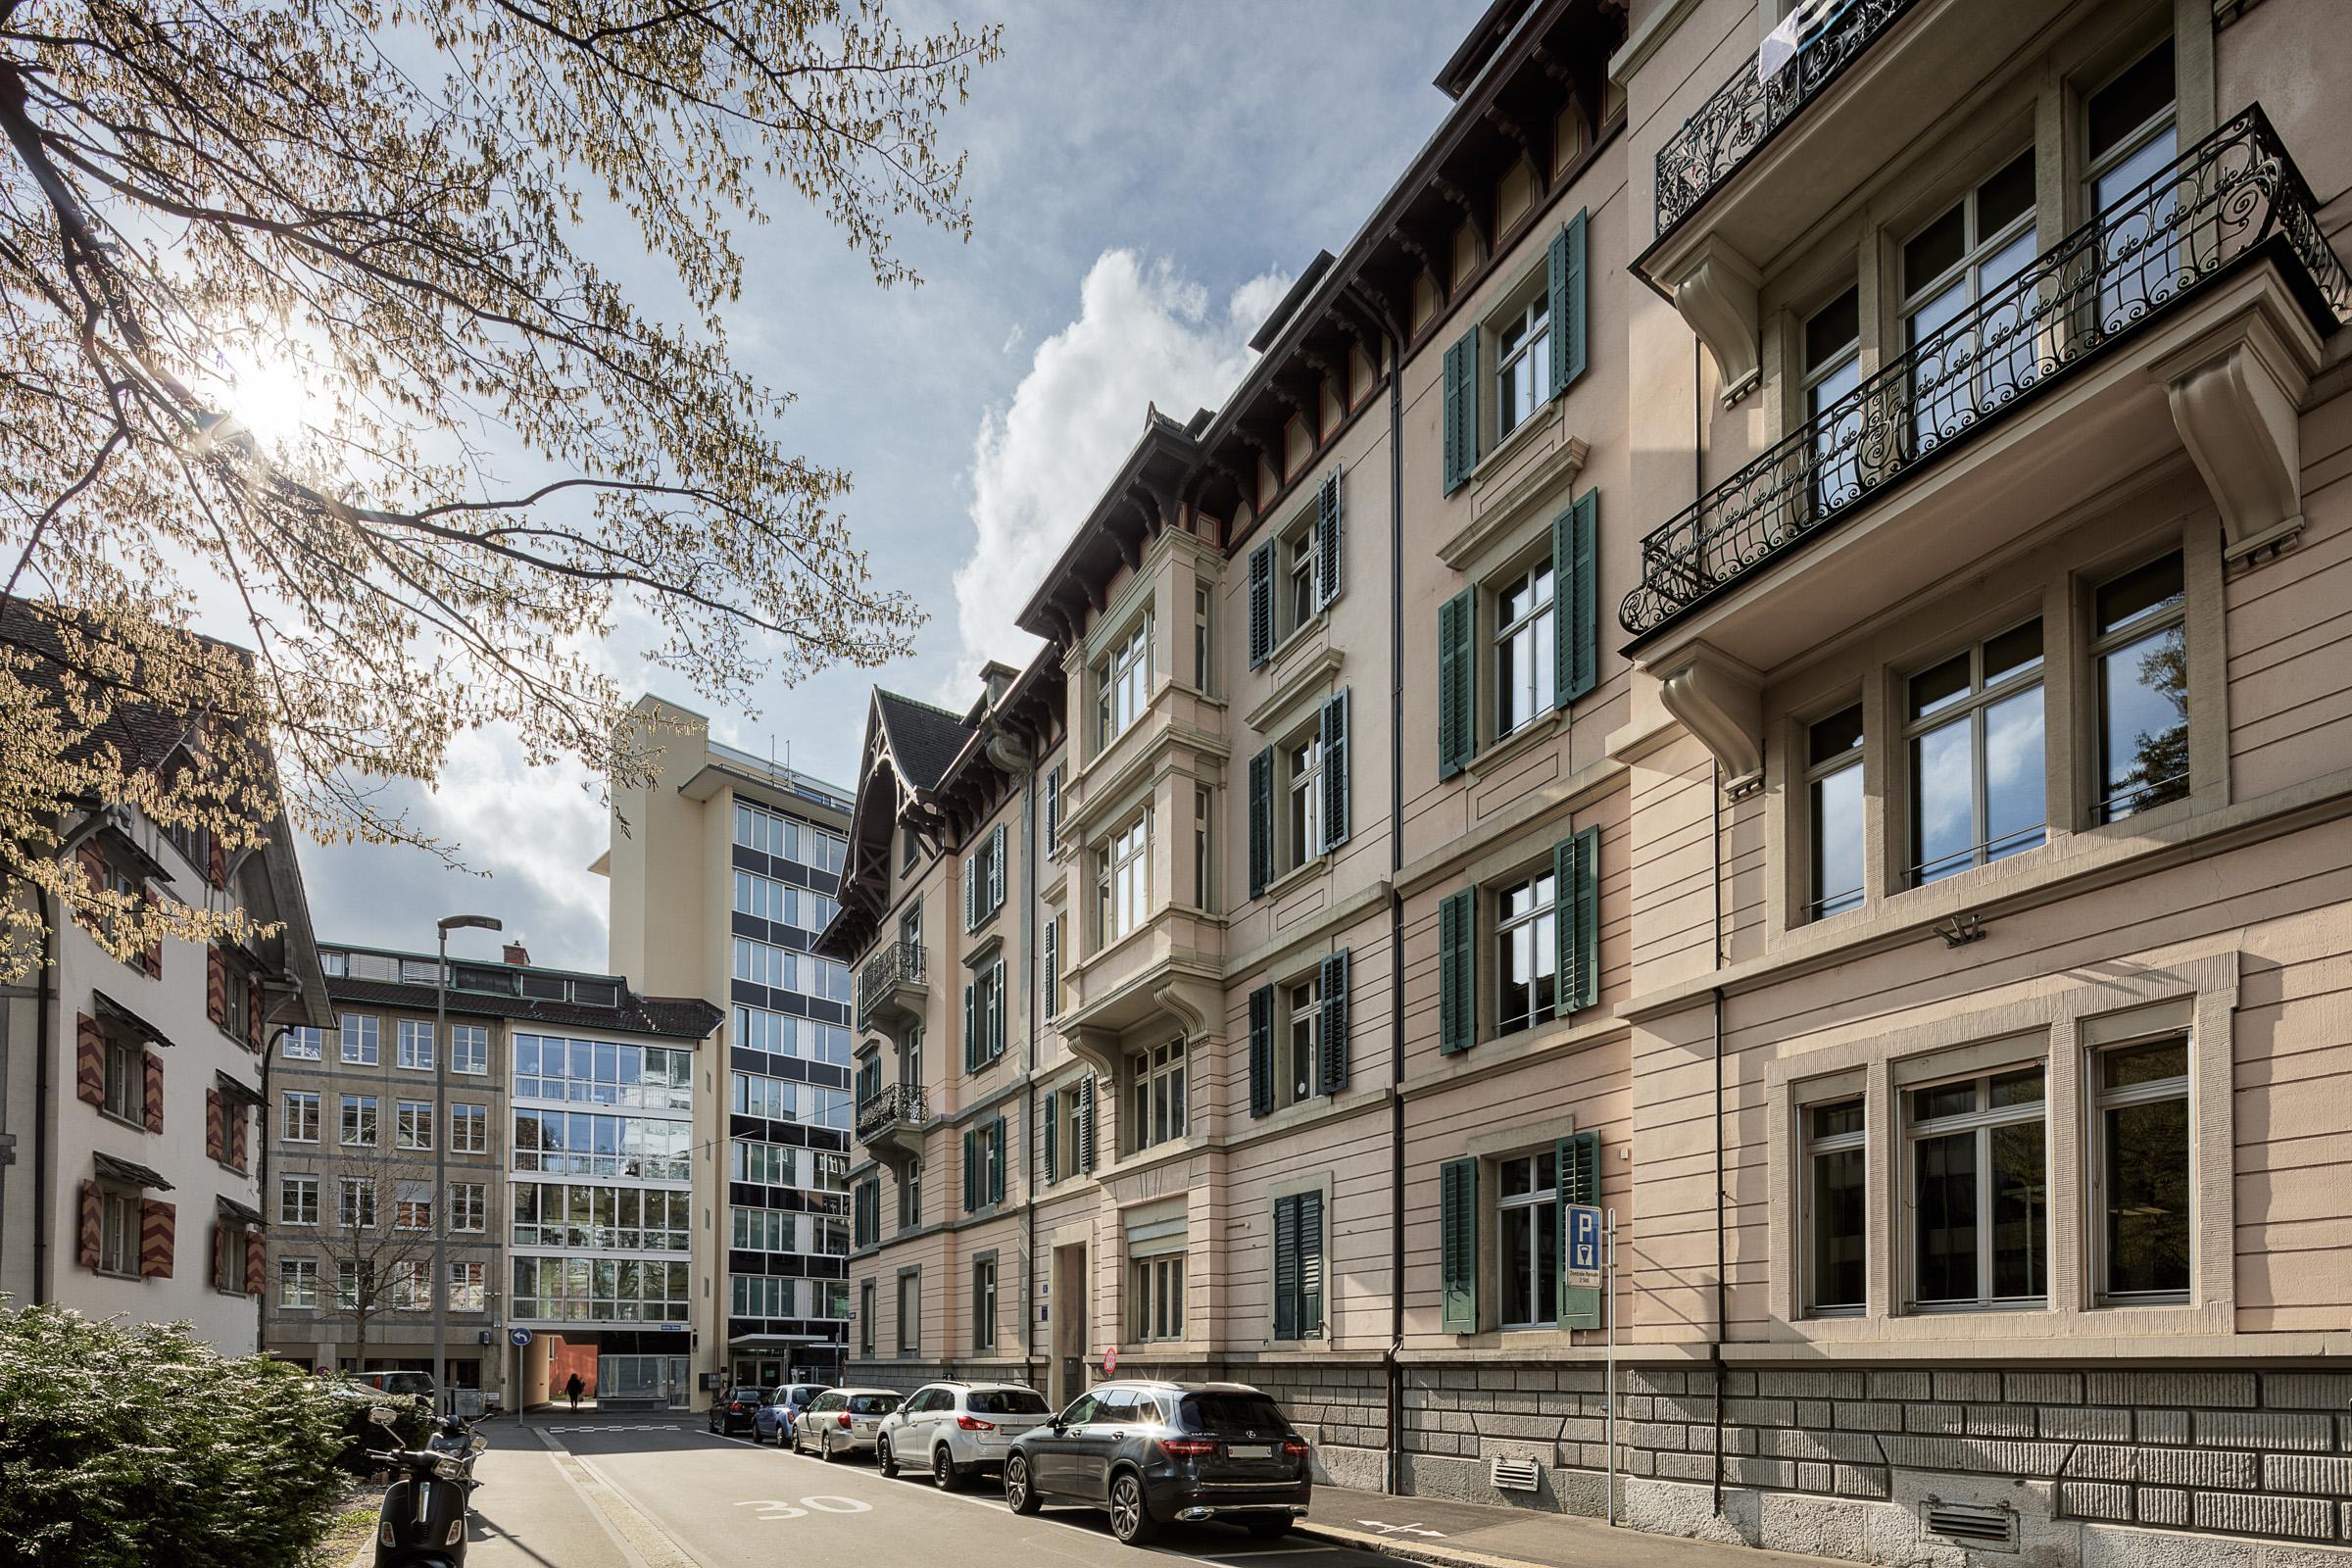 19-107 - Bruppacher Verwaltungs AG - Basteiplatz 3 Zürich-.jpg